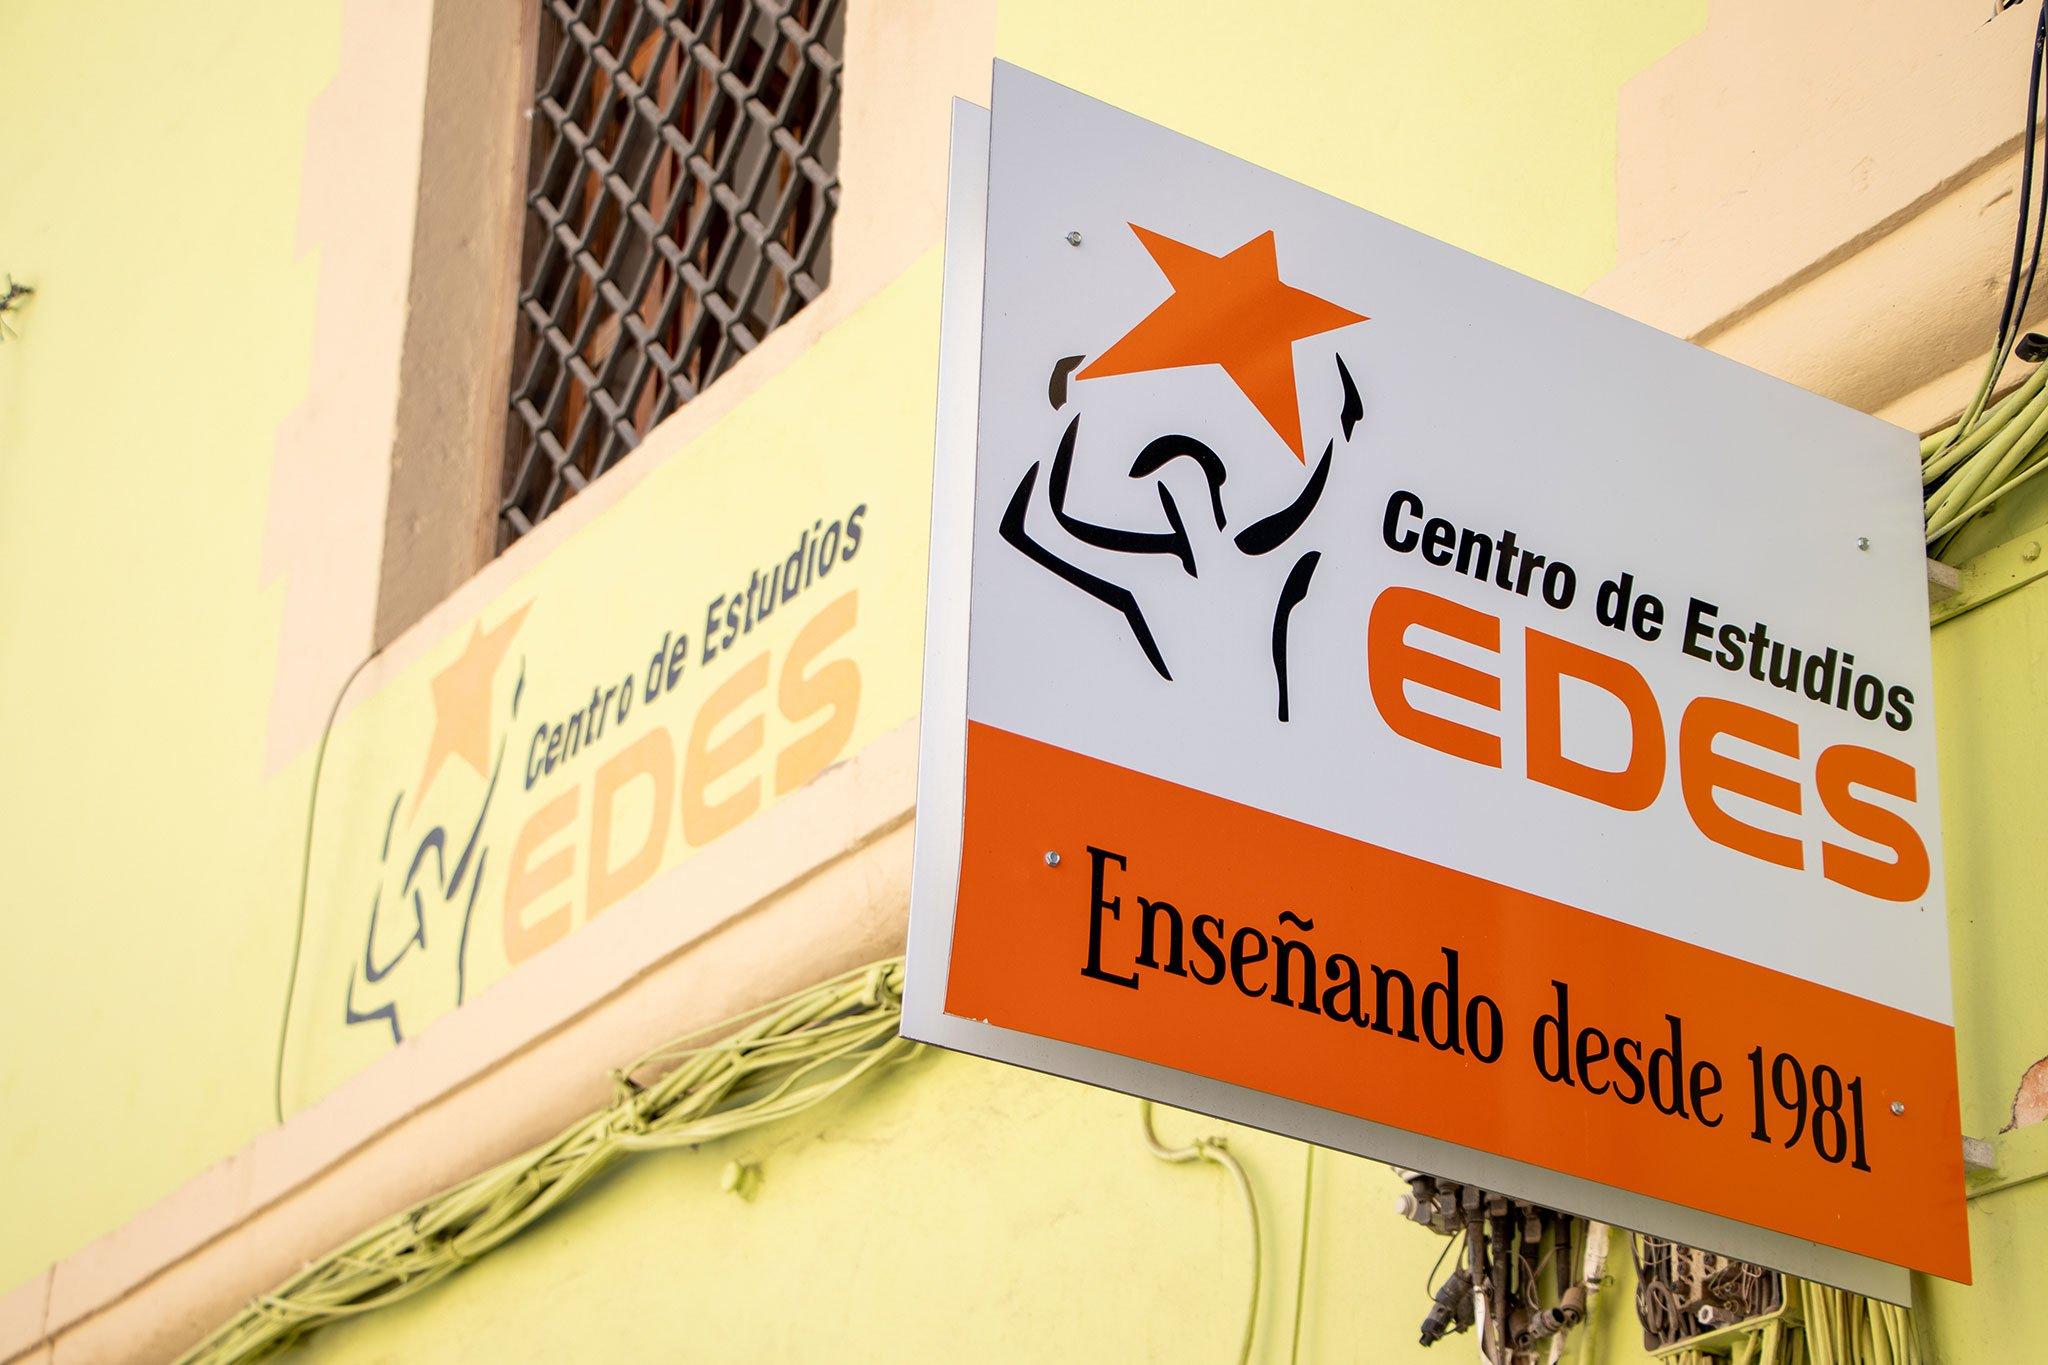 Cartel – Centro de Estudios EDES